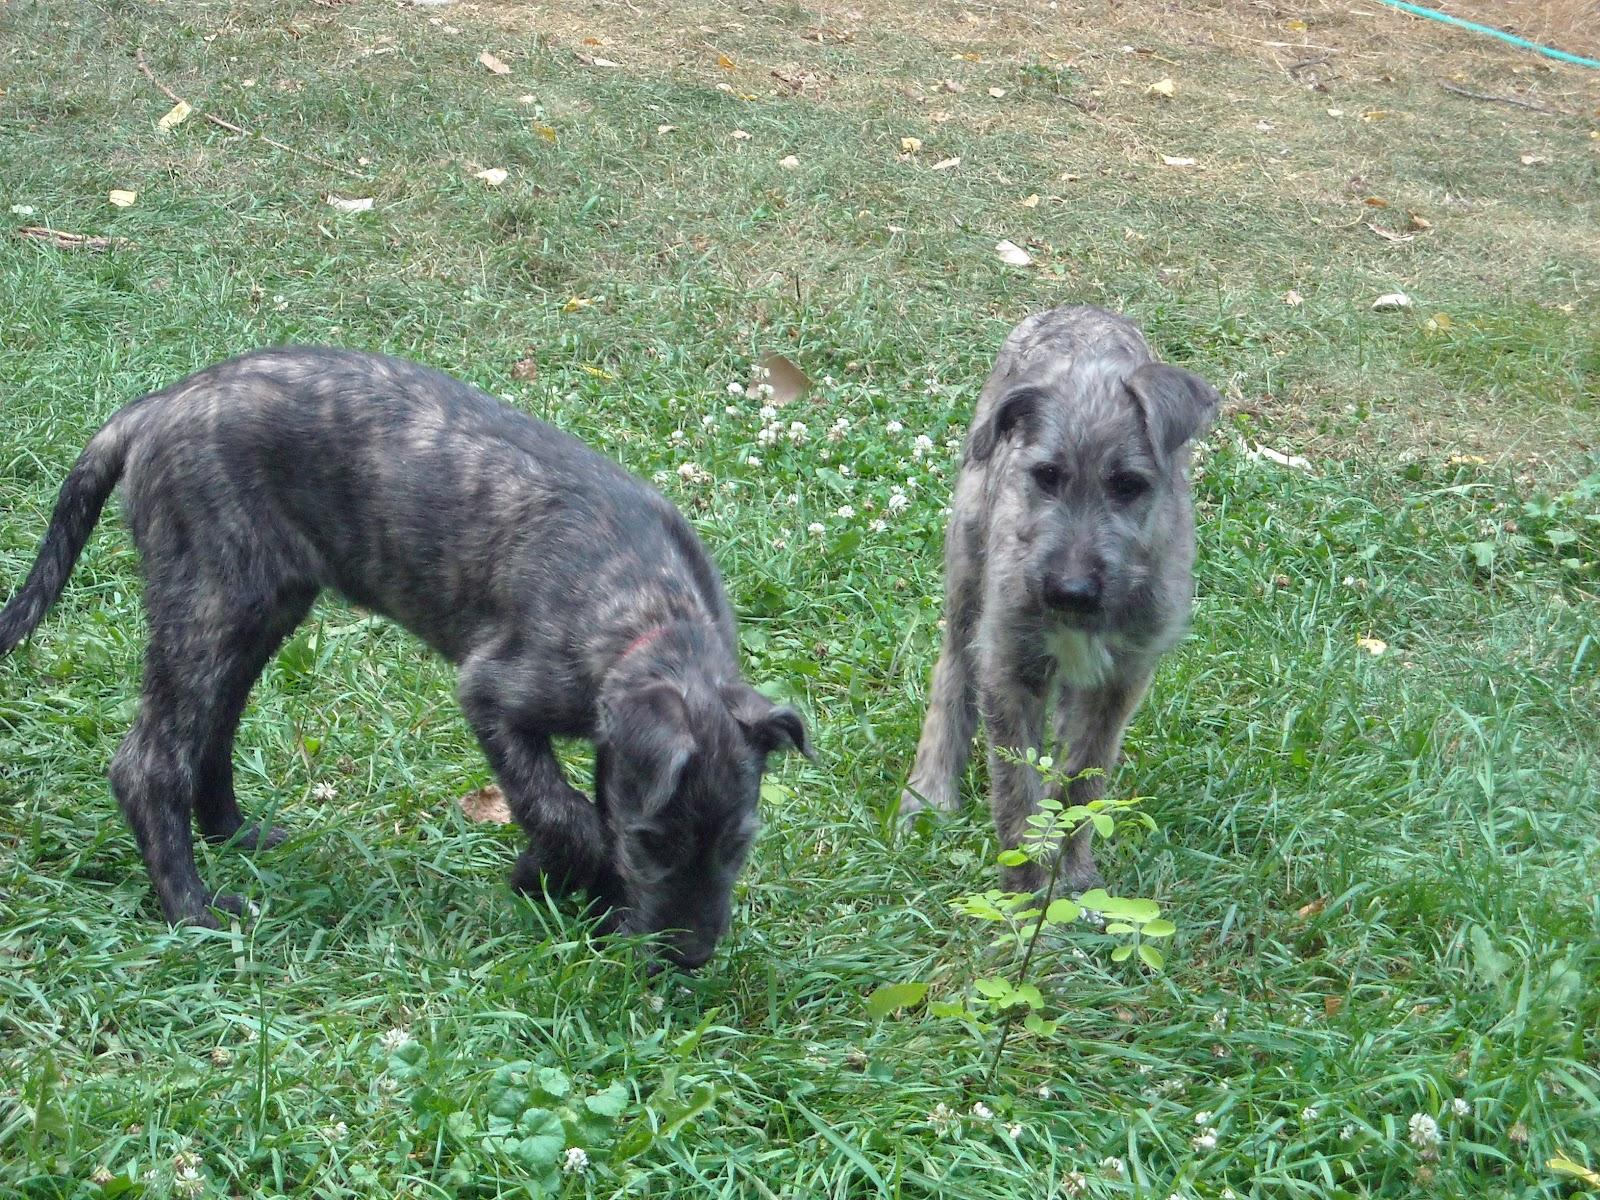 Red irish wolfhound puppies - photo#6